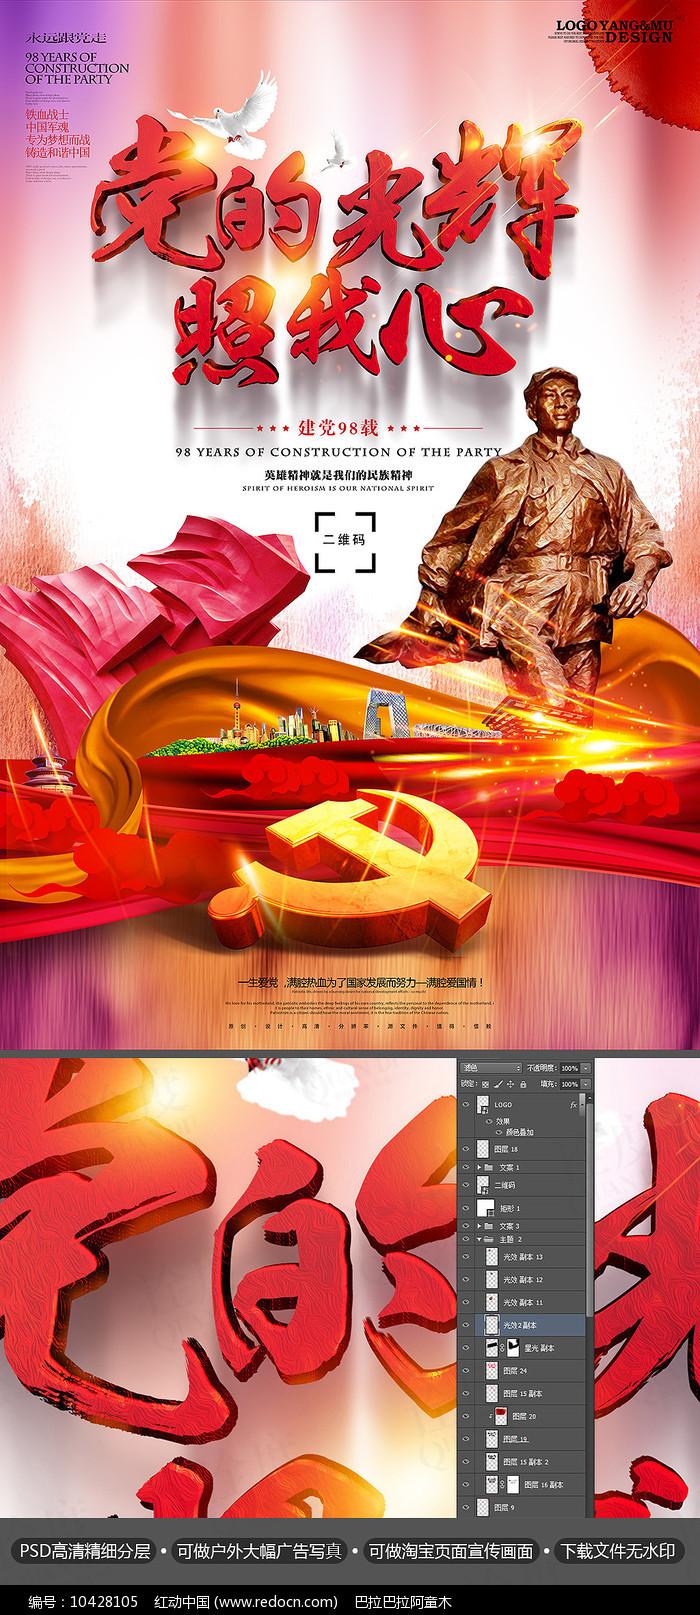 党的光辉简约七一建党节海报图片